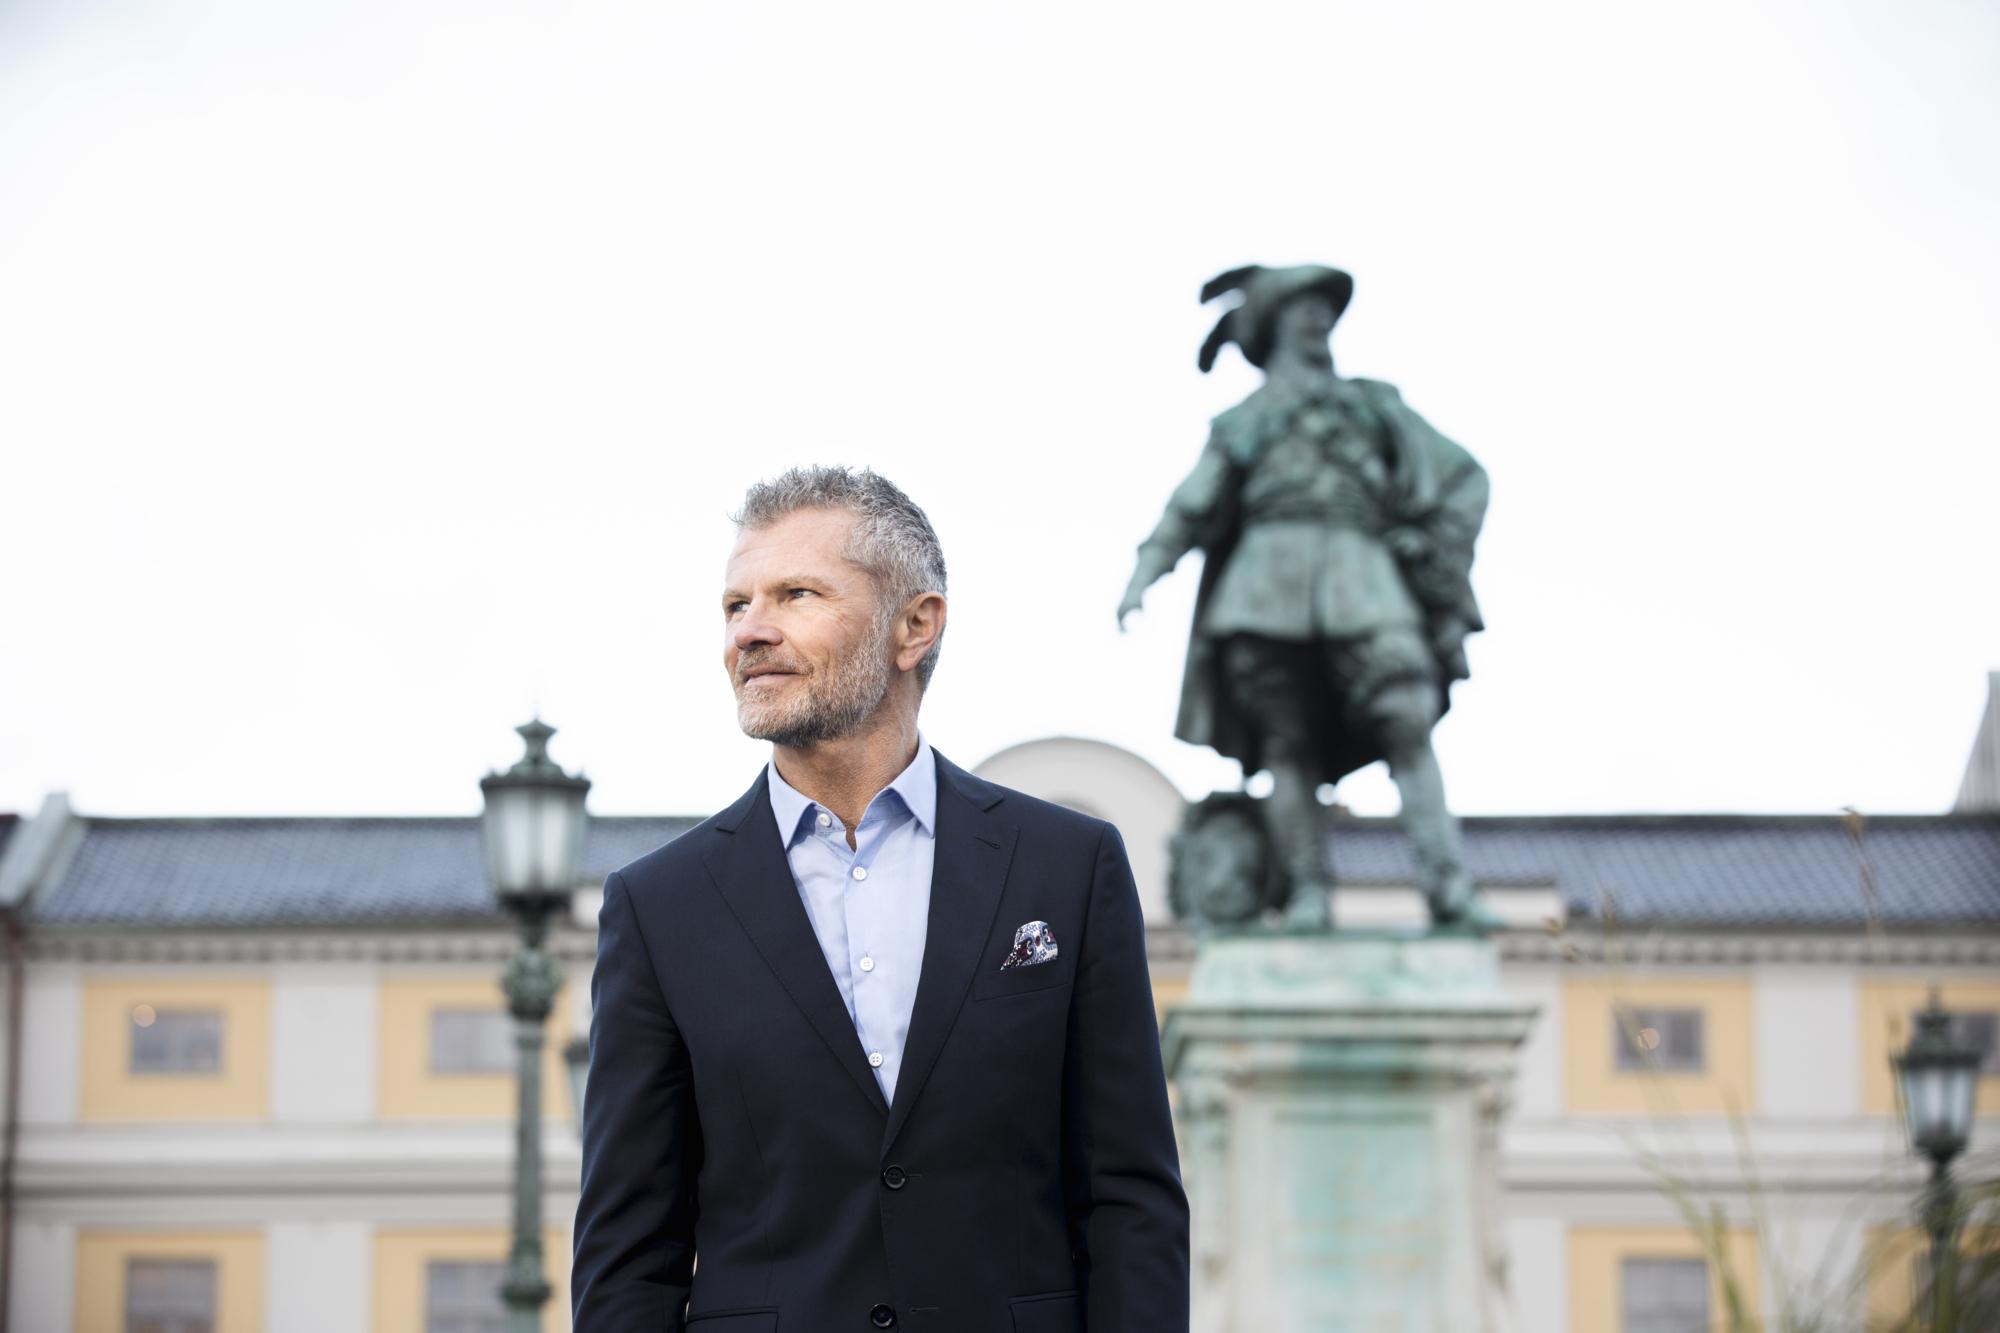 Higabs vd Per-Henrik Hartmann står på Gusta Adolfs Torg framför statyn föreställandes Gustav II Adolf.